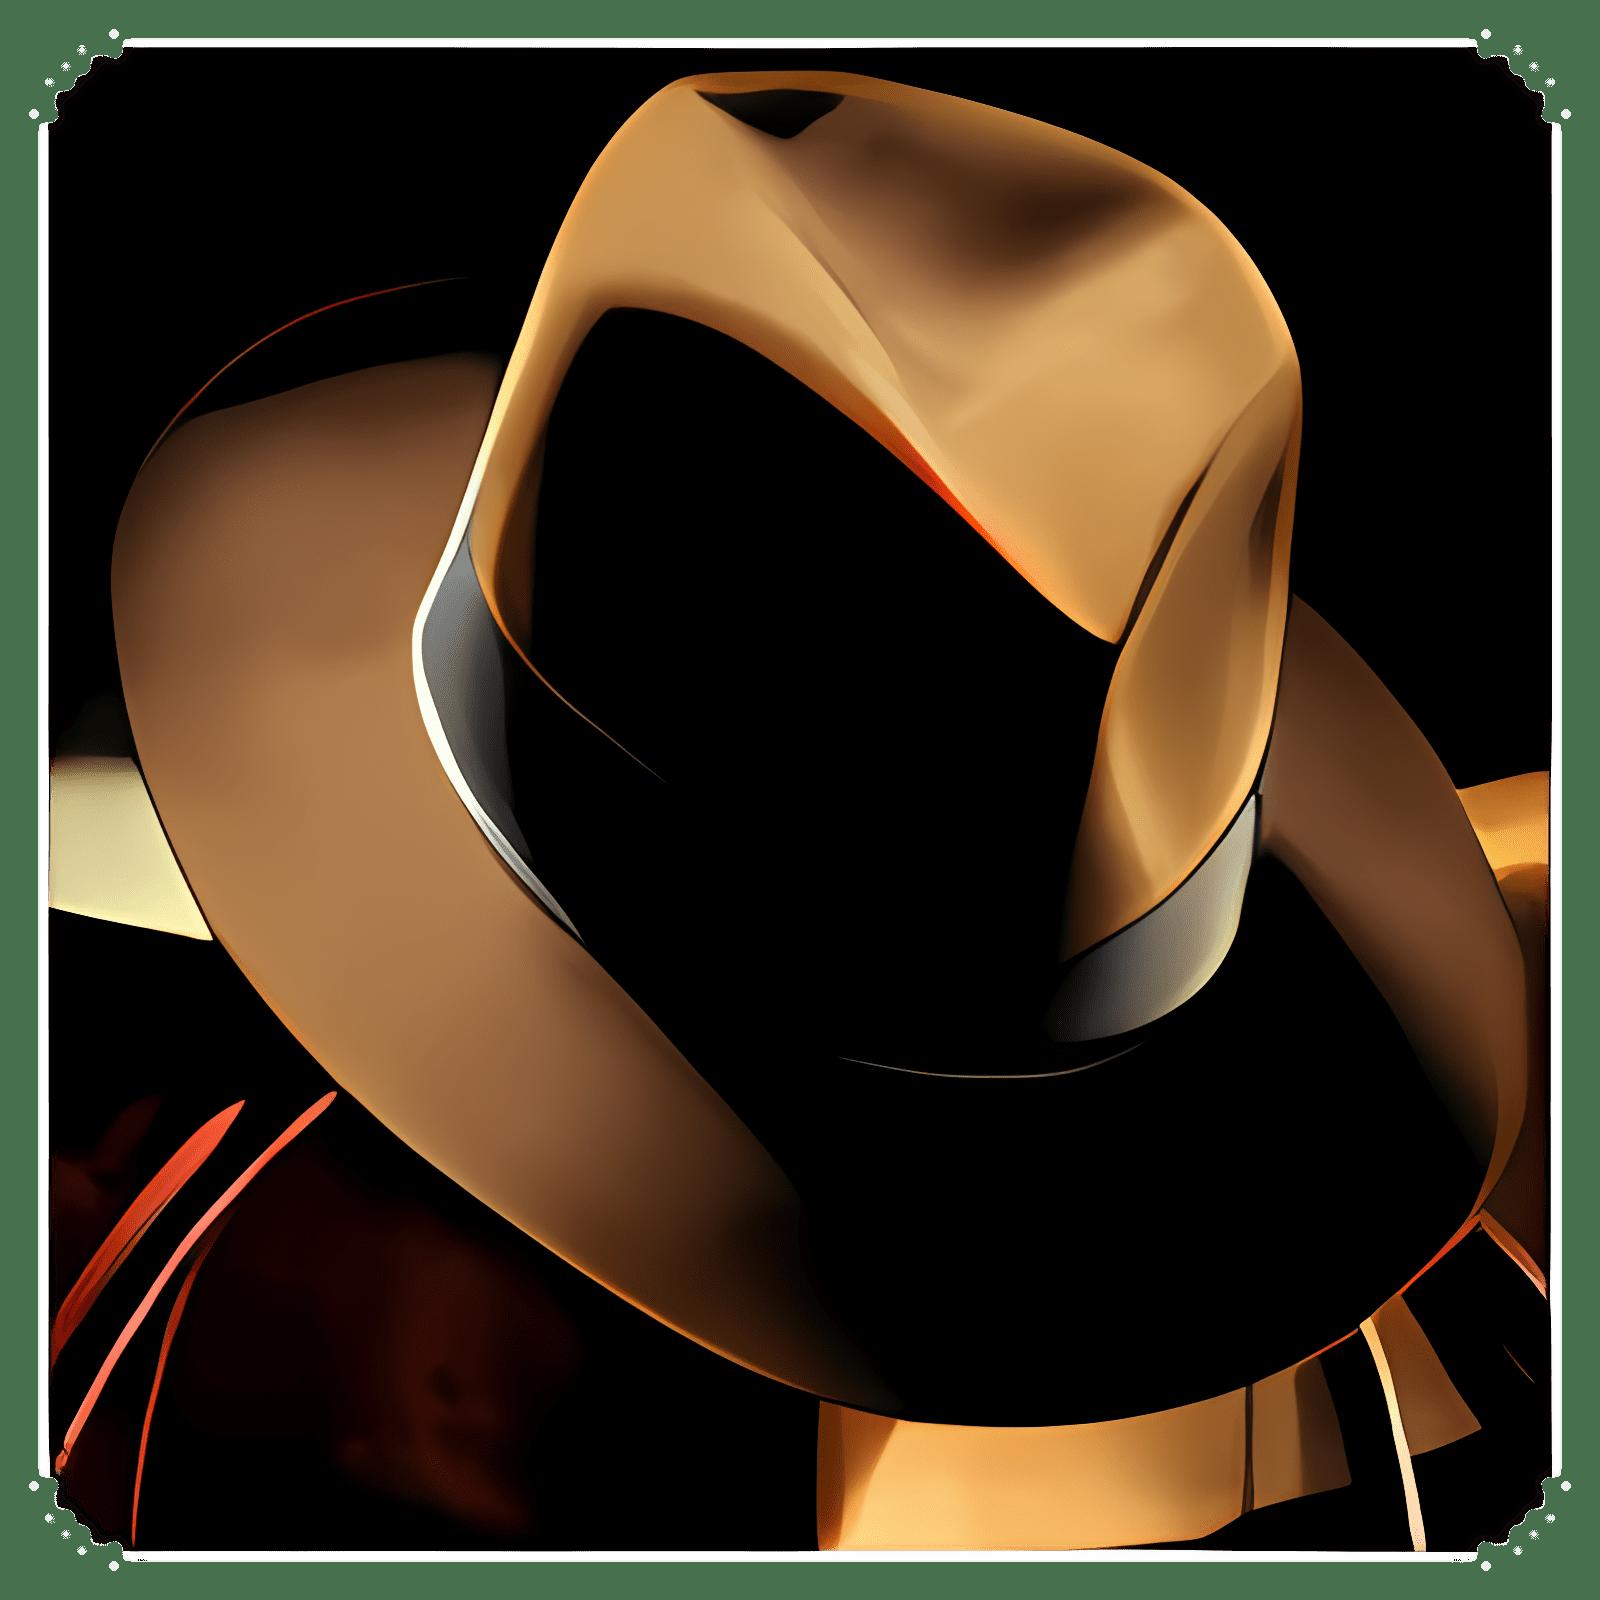 Fond d'écran Indiana Jones (1)